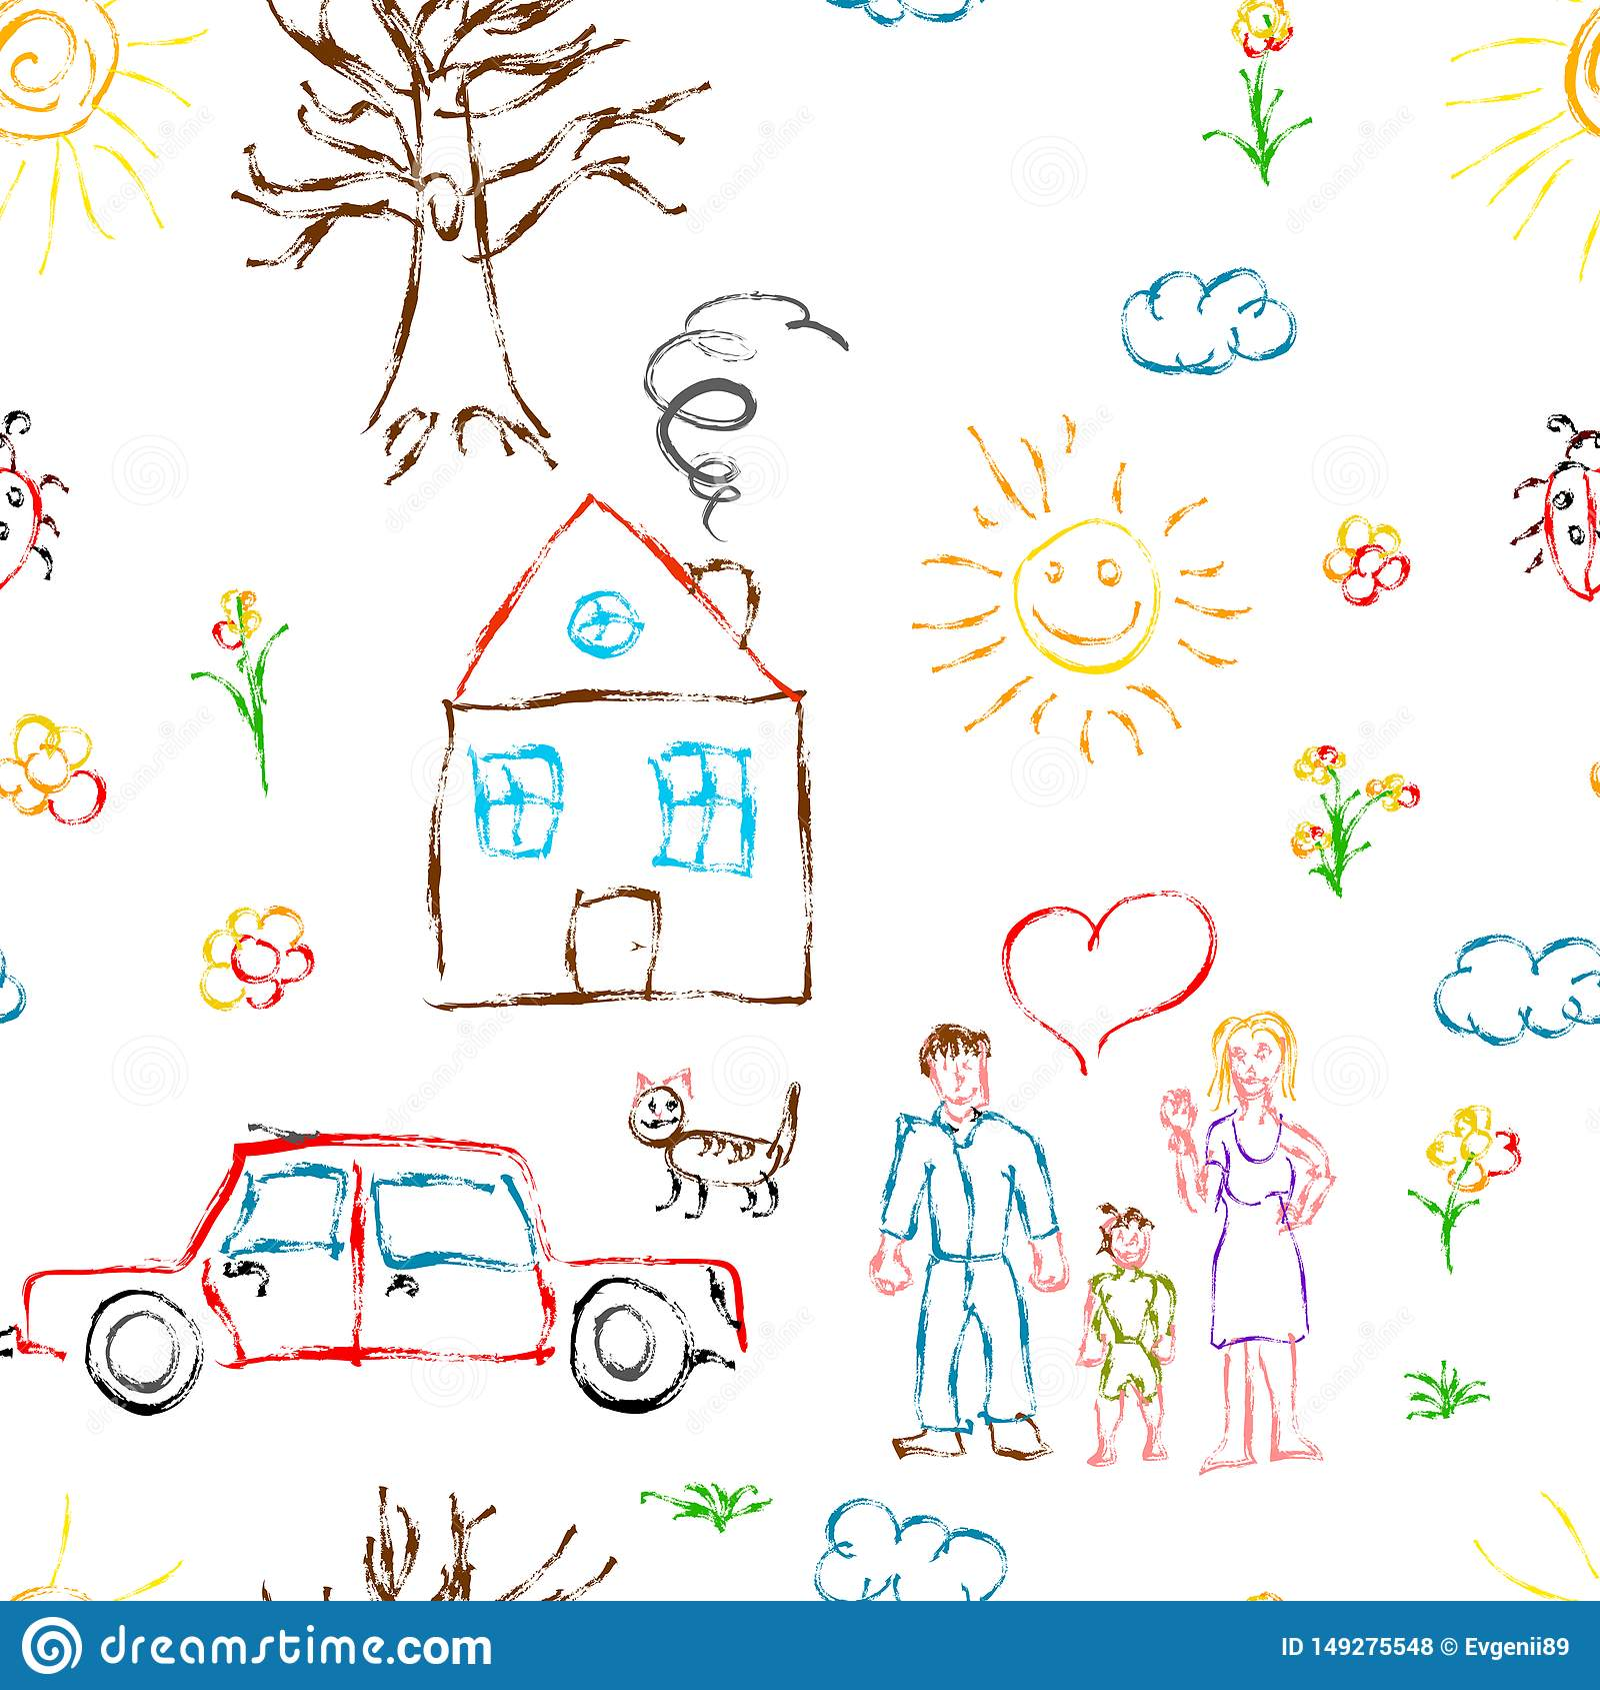 Objetos exhaustos de la mano colorida linda del niño como la familia, las flores, la casa, la hierba, el árbol, el sol y el gato,